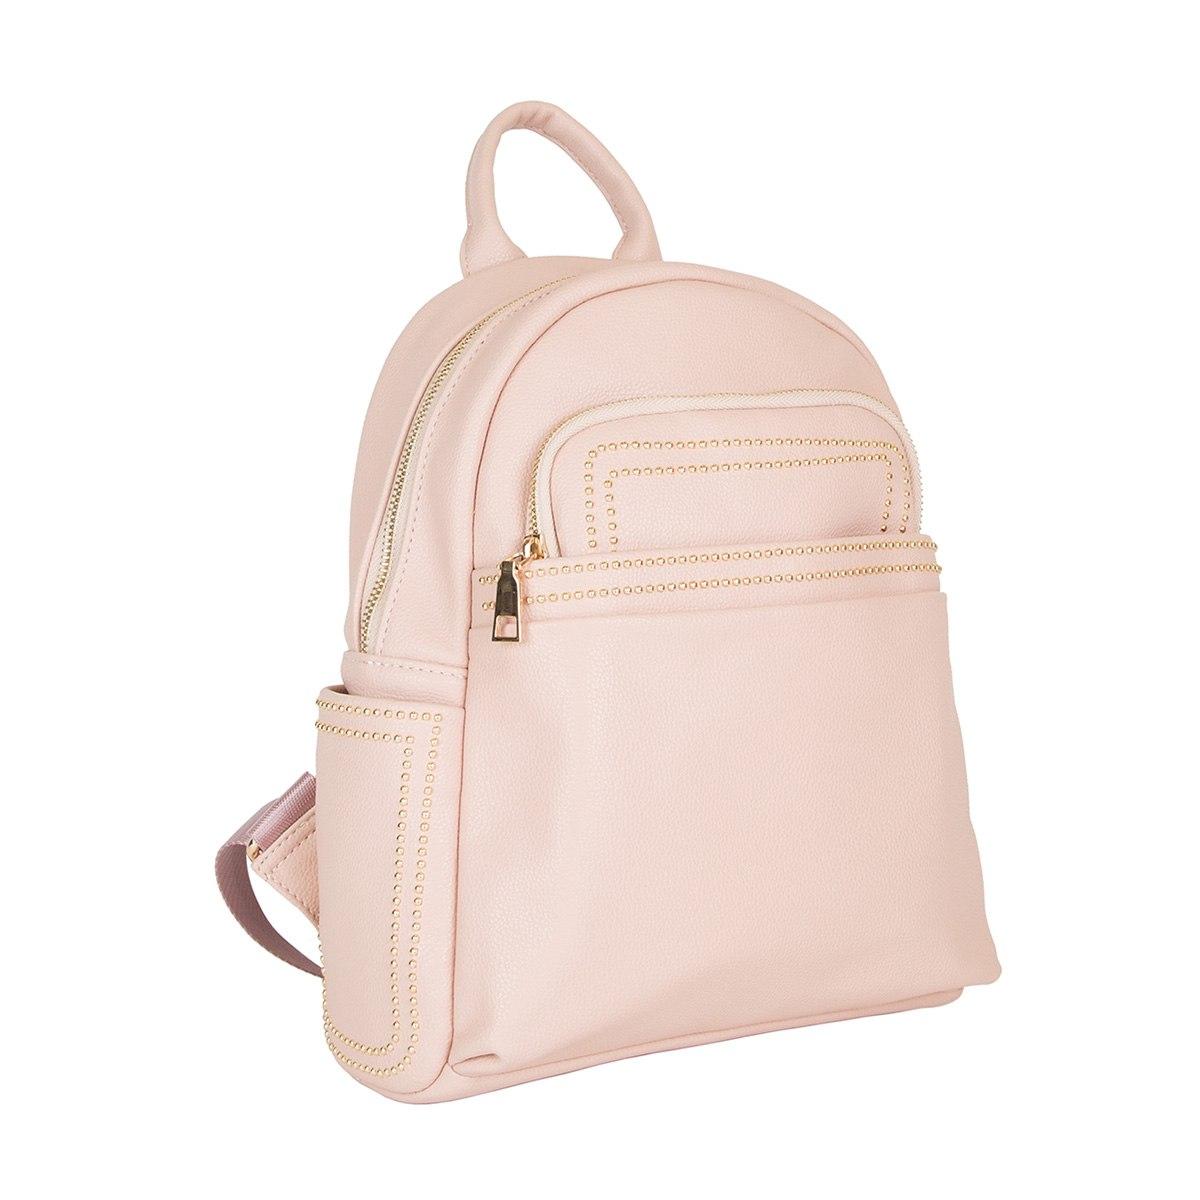 Bagsin-Savil-18-42-22-Pink-A1